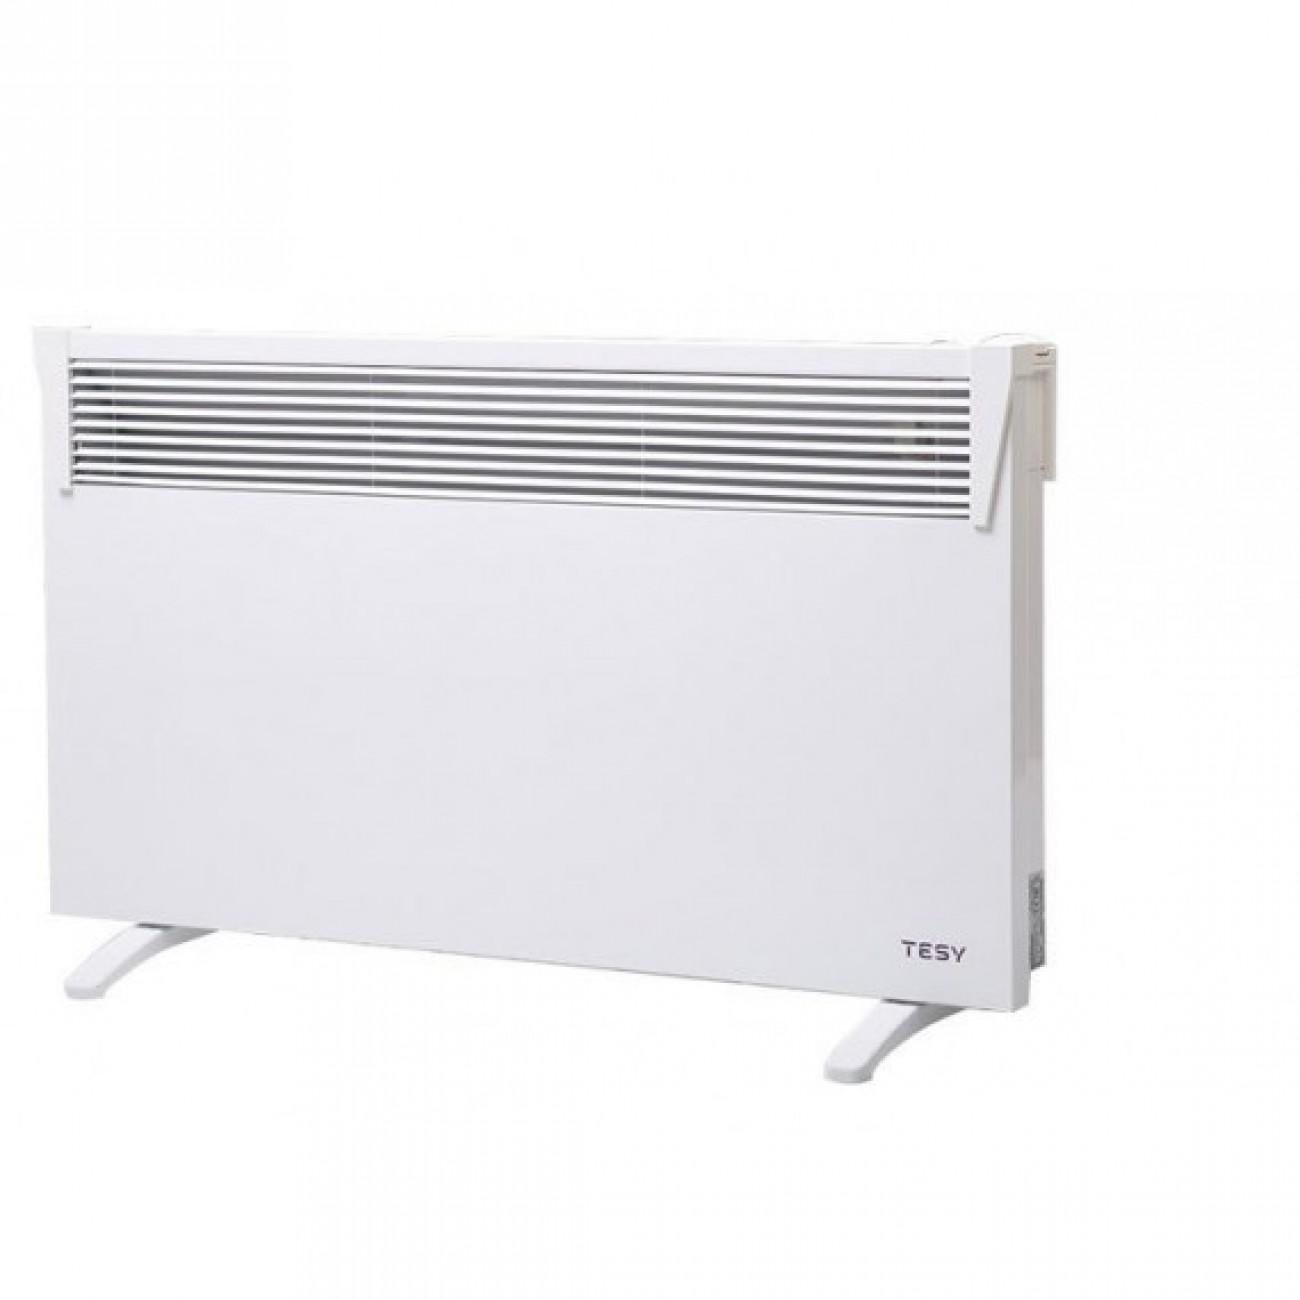 Панелен конвектор Tesy CN 03 150 MIS F в Alleop. Уреди за твоя дом - Tesy | Alleop